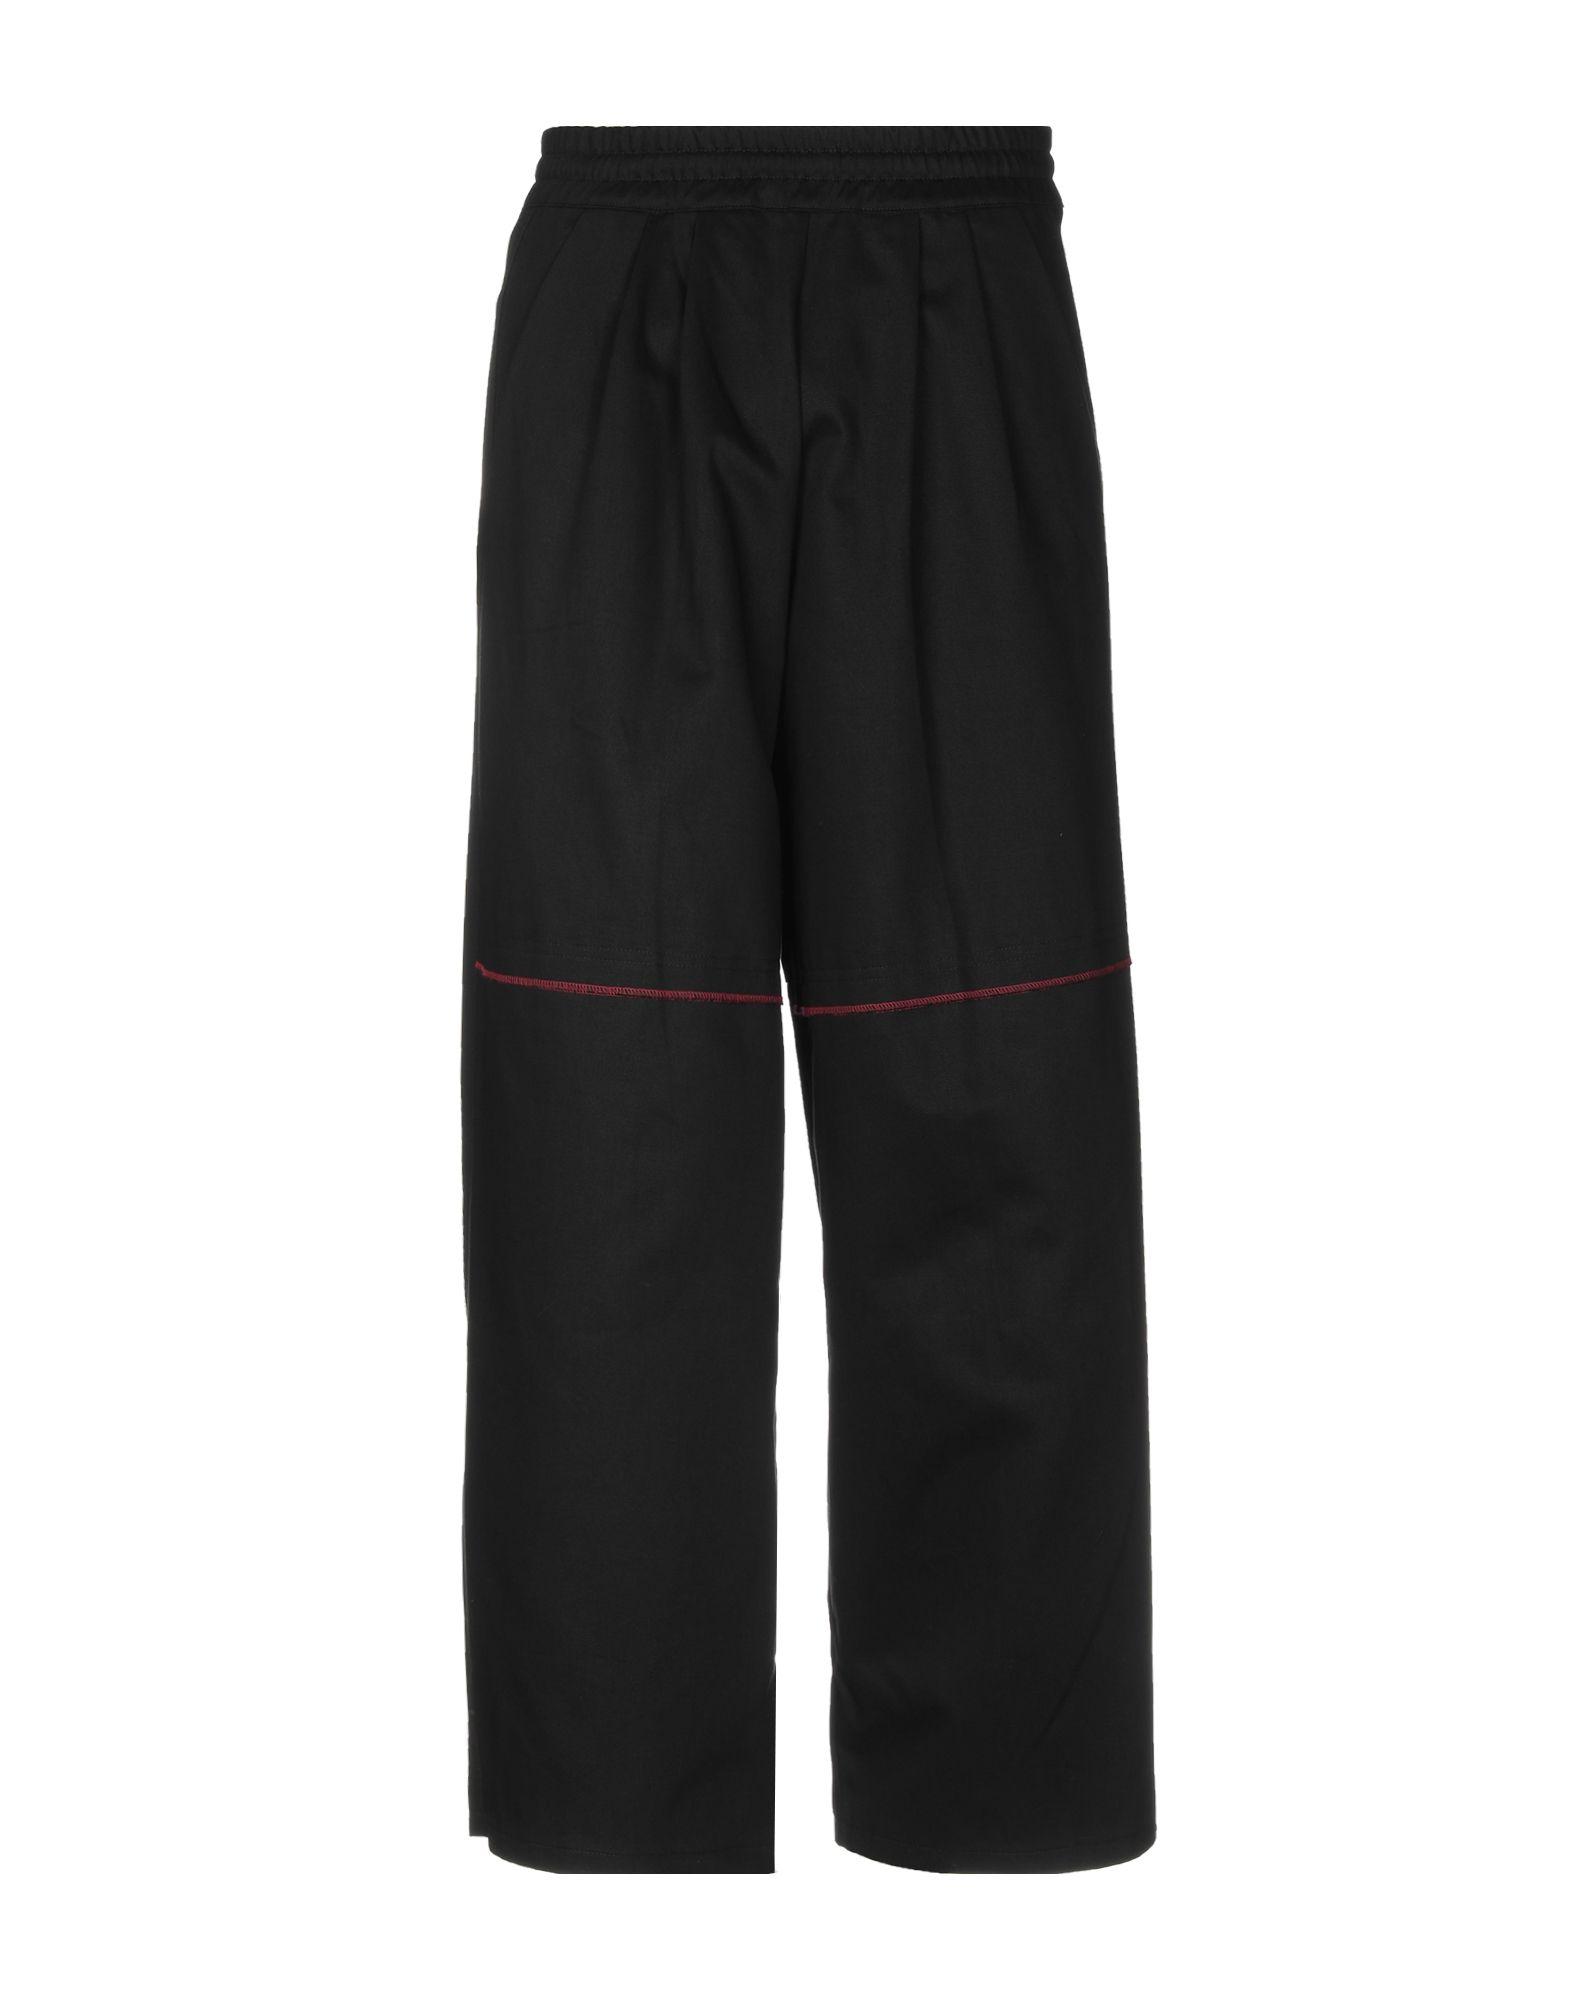 《送料無料》KOMAKINO メンズ パンツ ブラック S コットン 100%